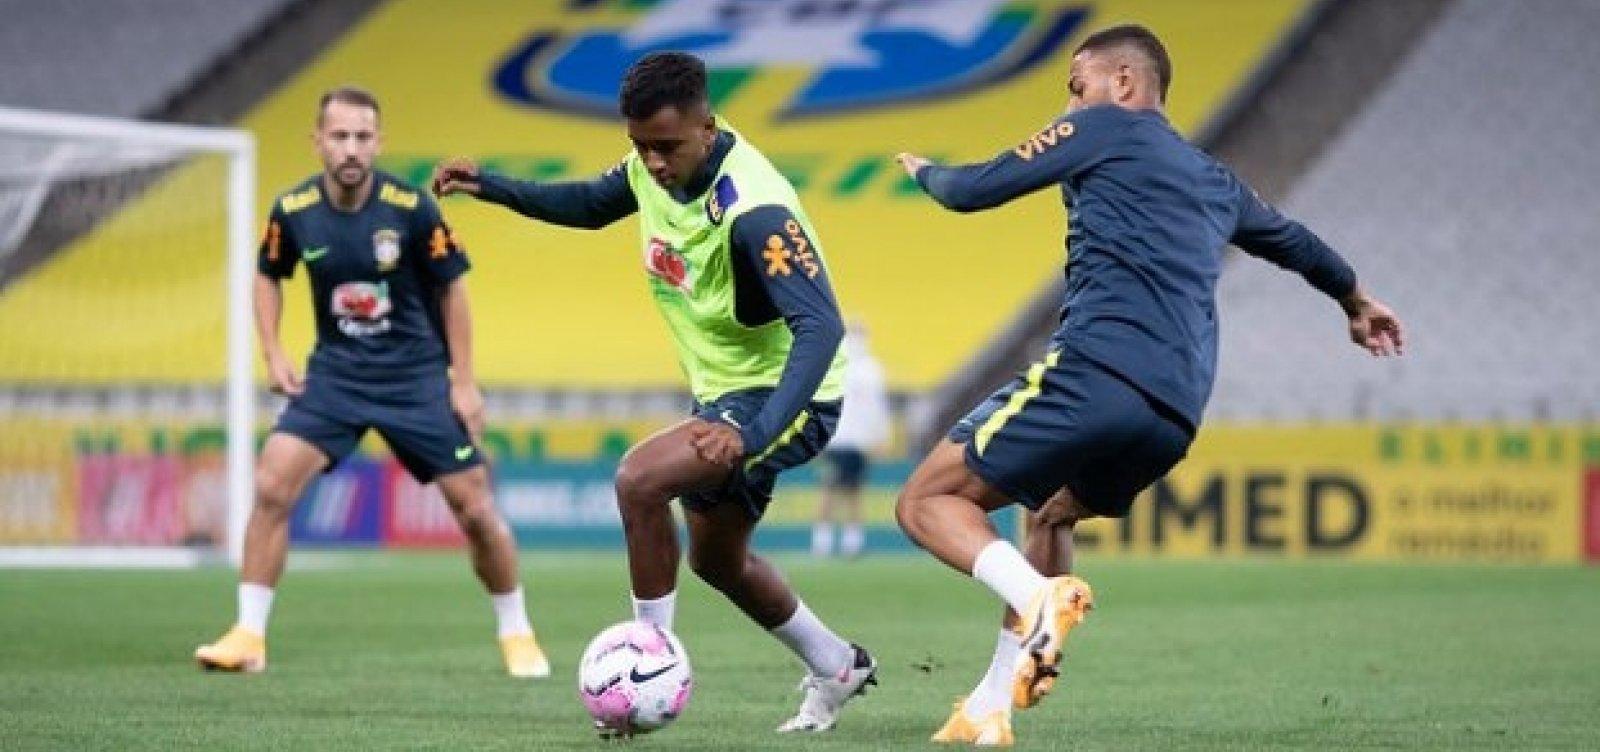 [Eliminatórias da Copa: Brasil estreia nesta sexta contra a Bolívia]